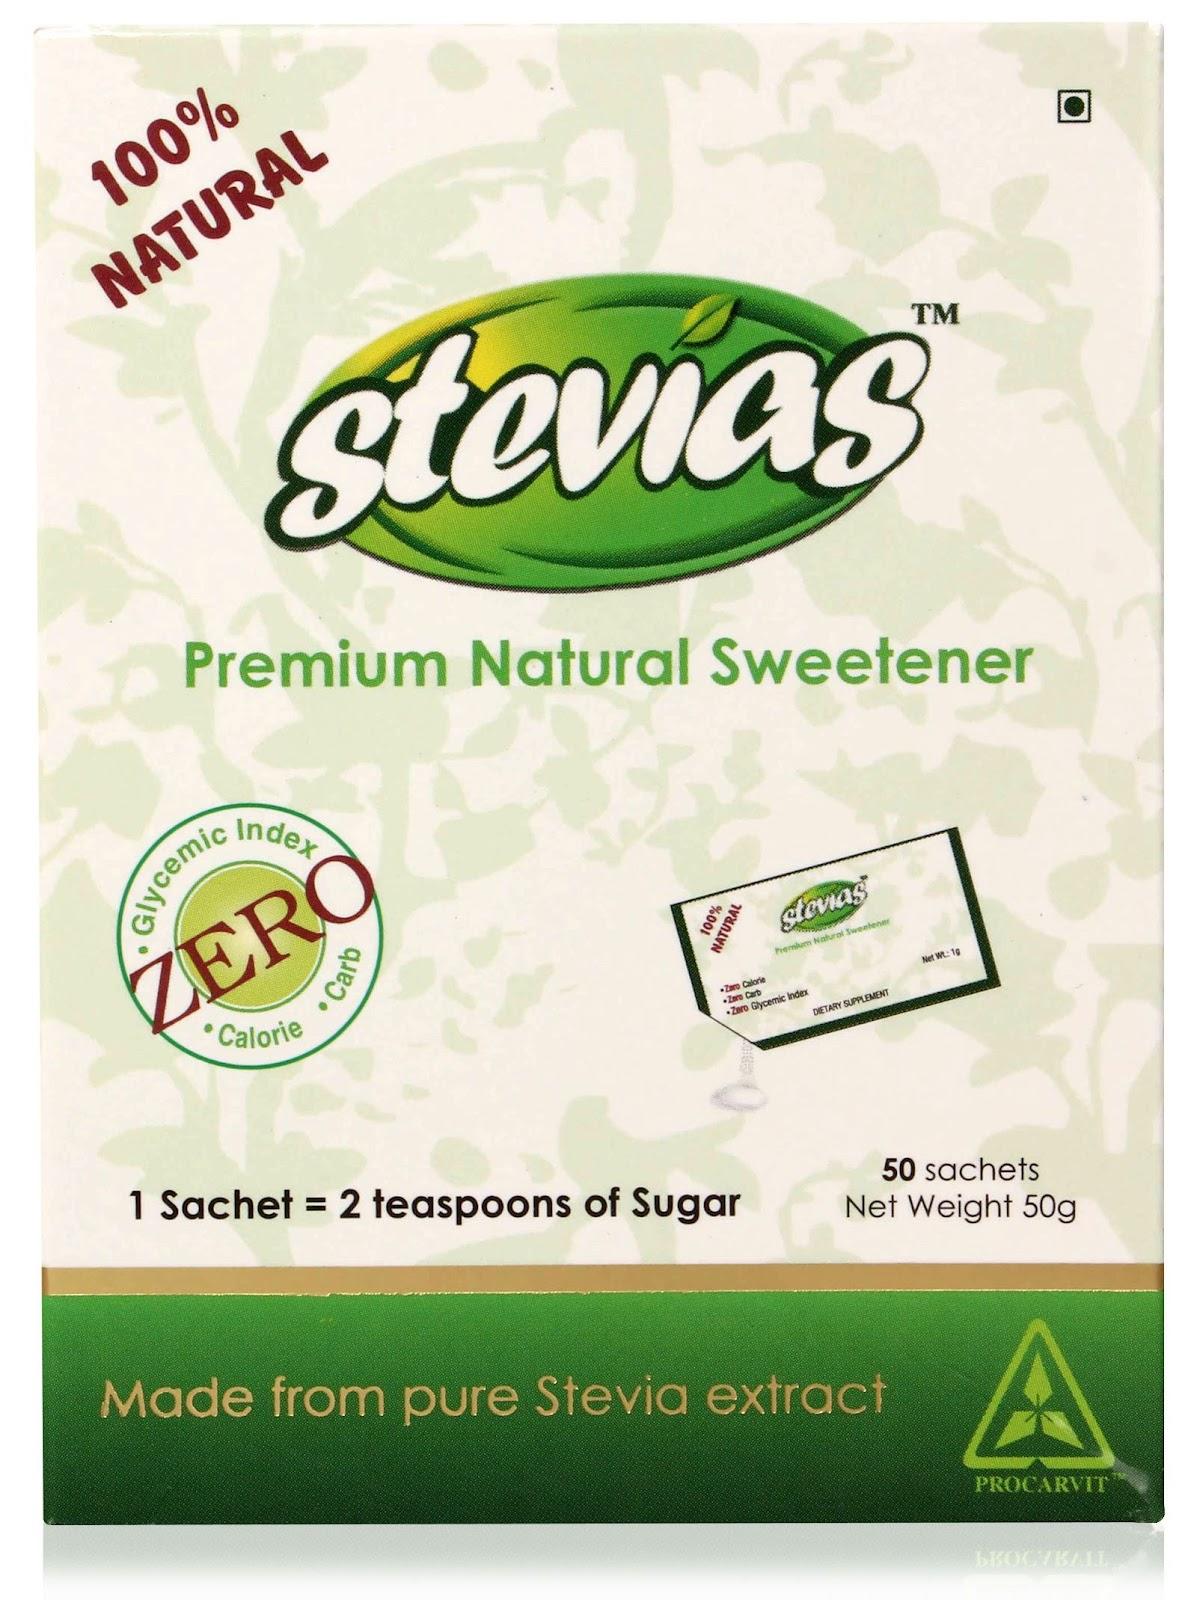 Stevias Premium Natural Sweetner Image